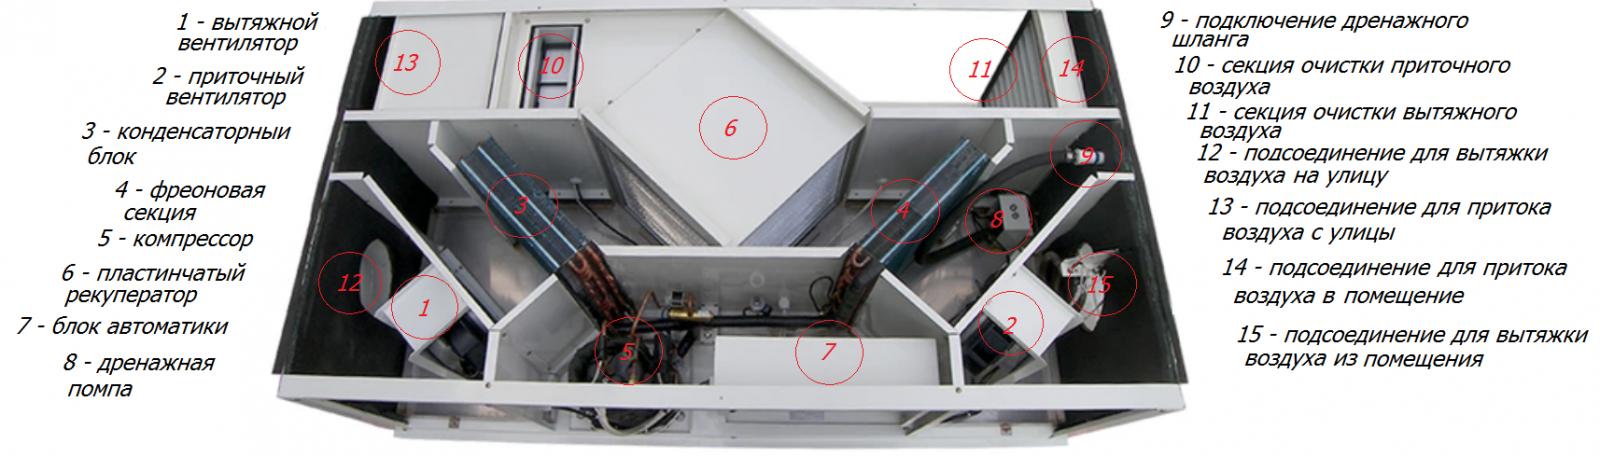 из чего состоит приточно-вытяжная установка с охлаждением и рекуператором